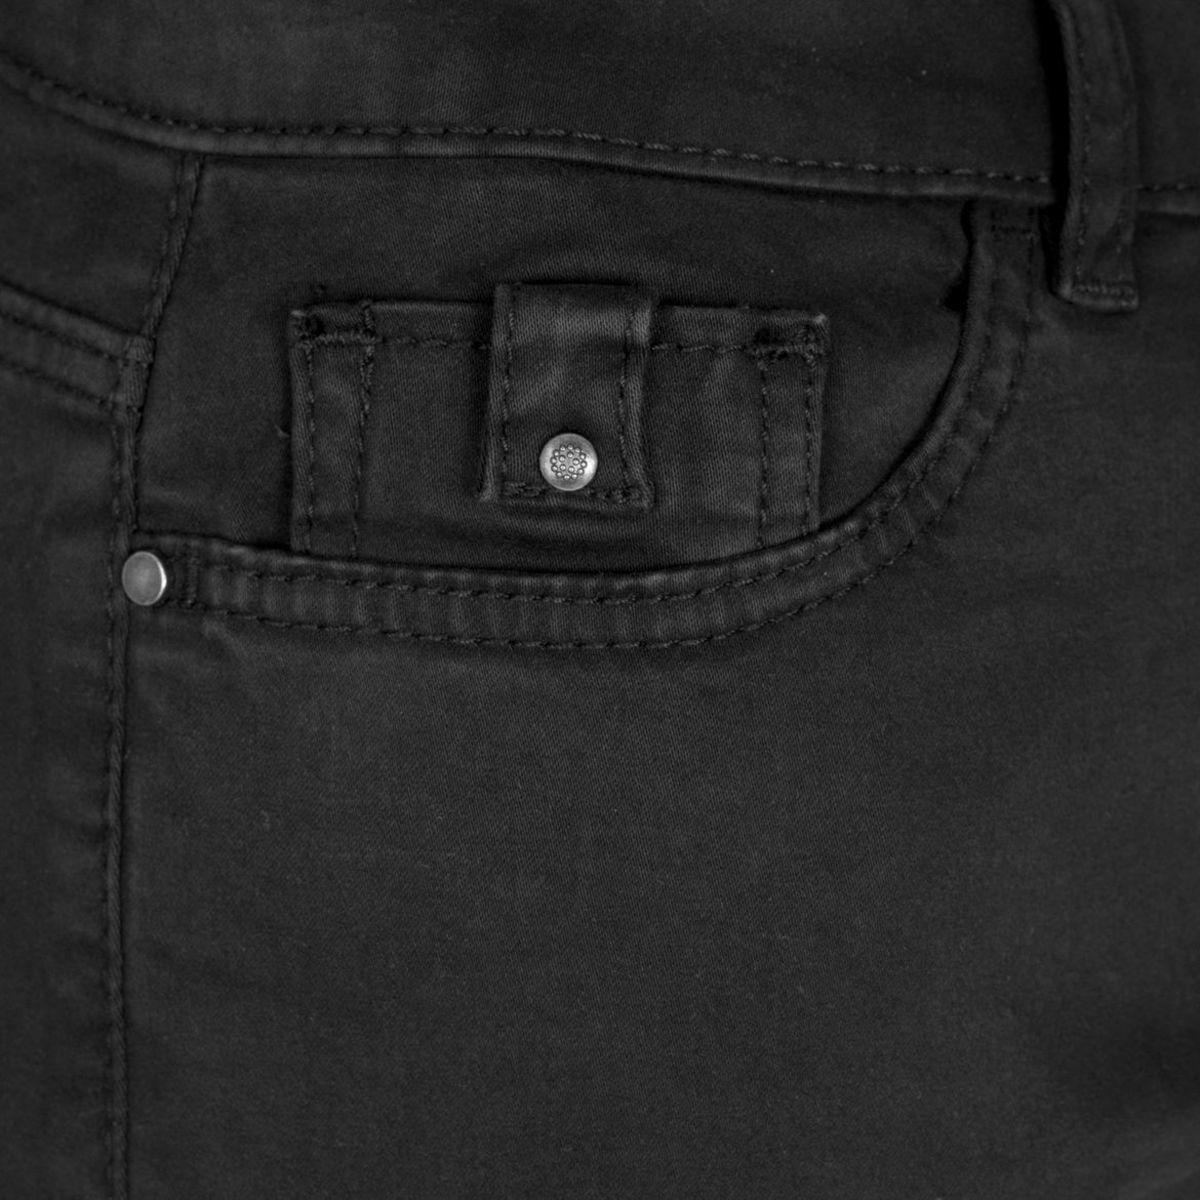 Bild 3 von Damen Hose in 7/8 Länge